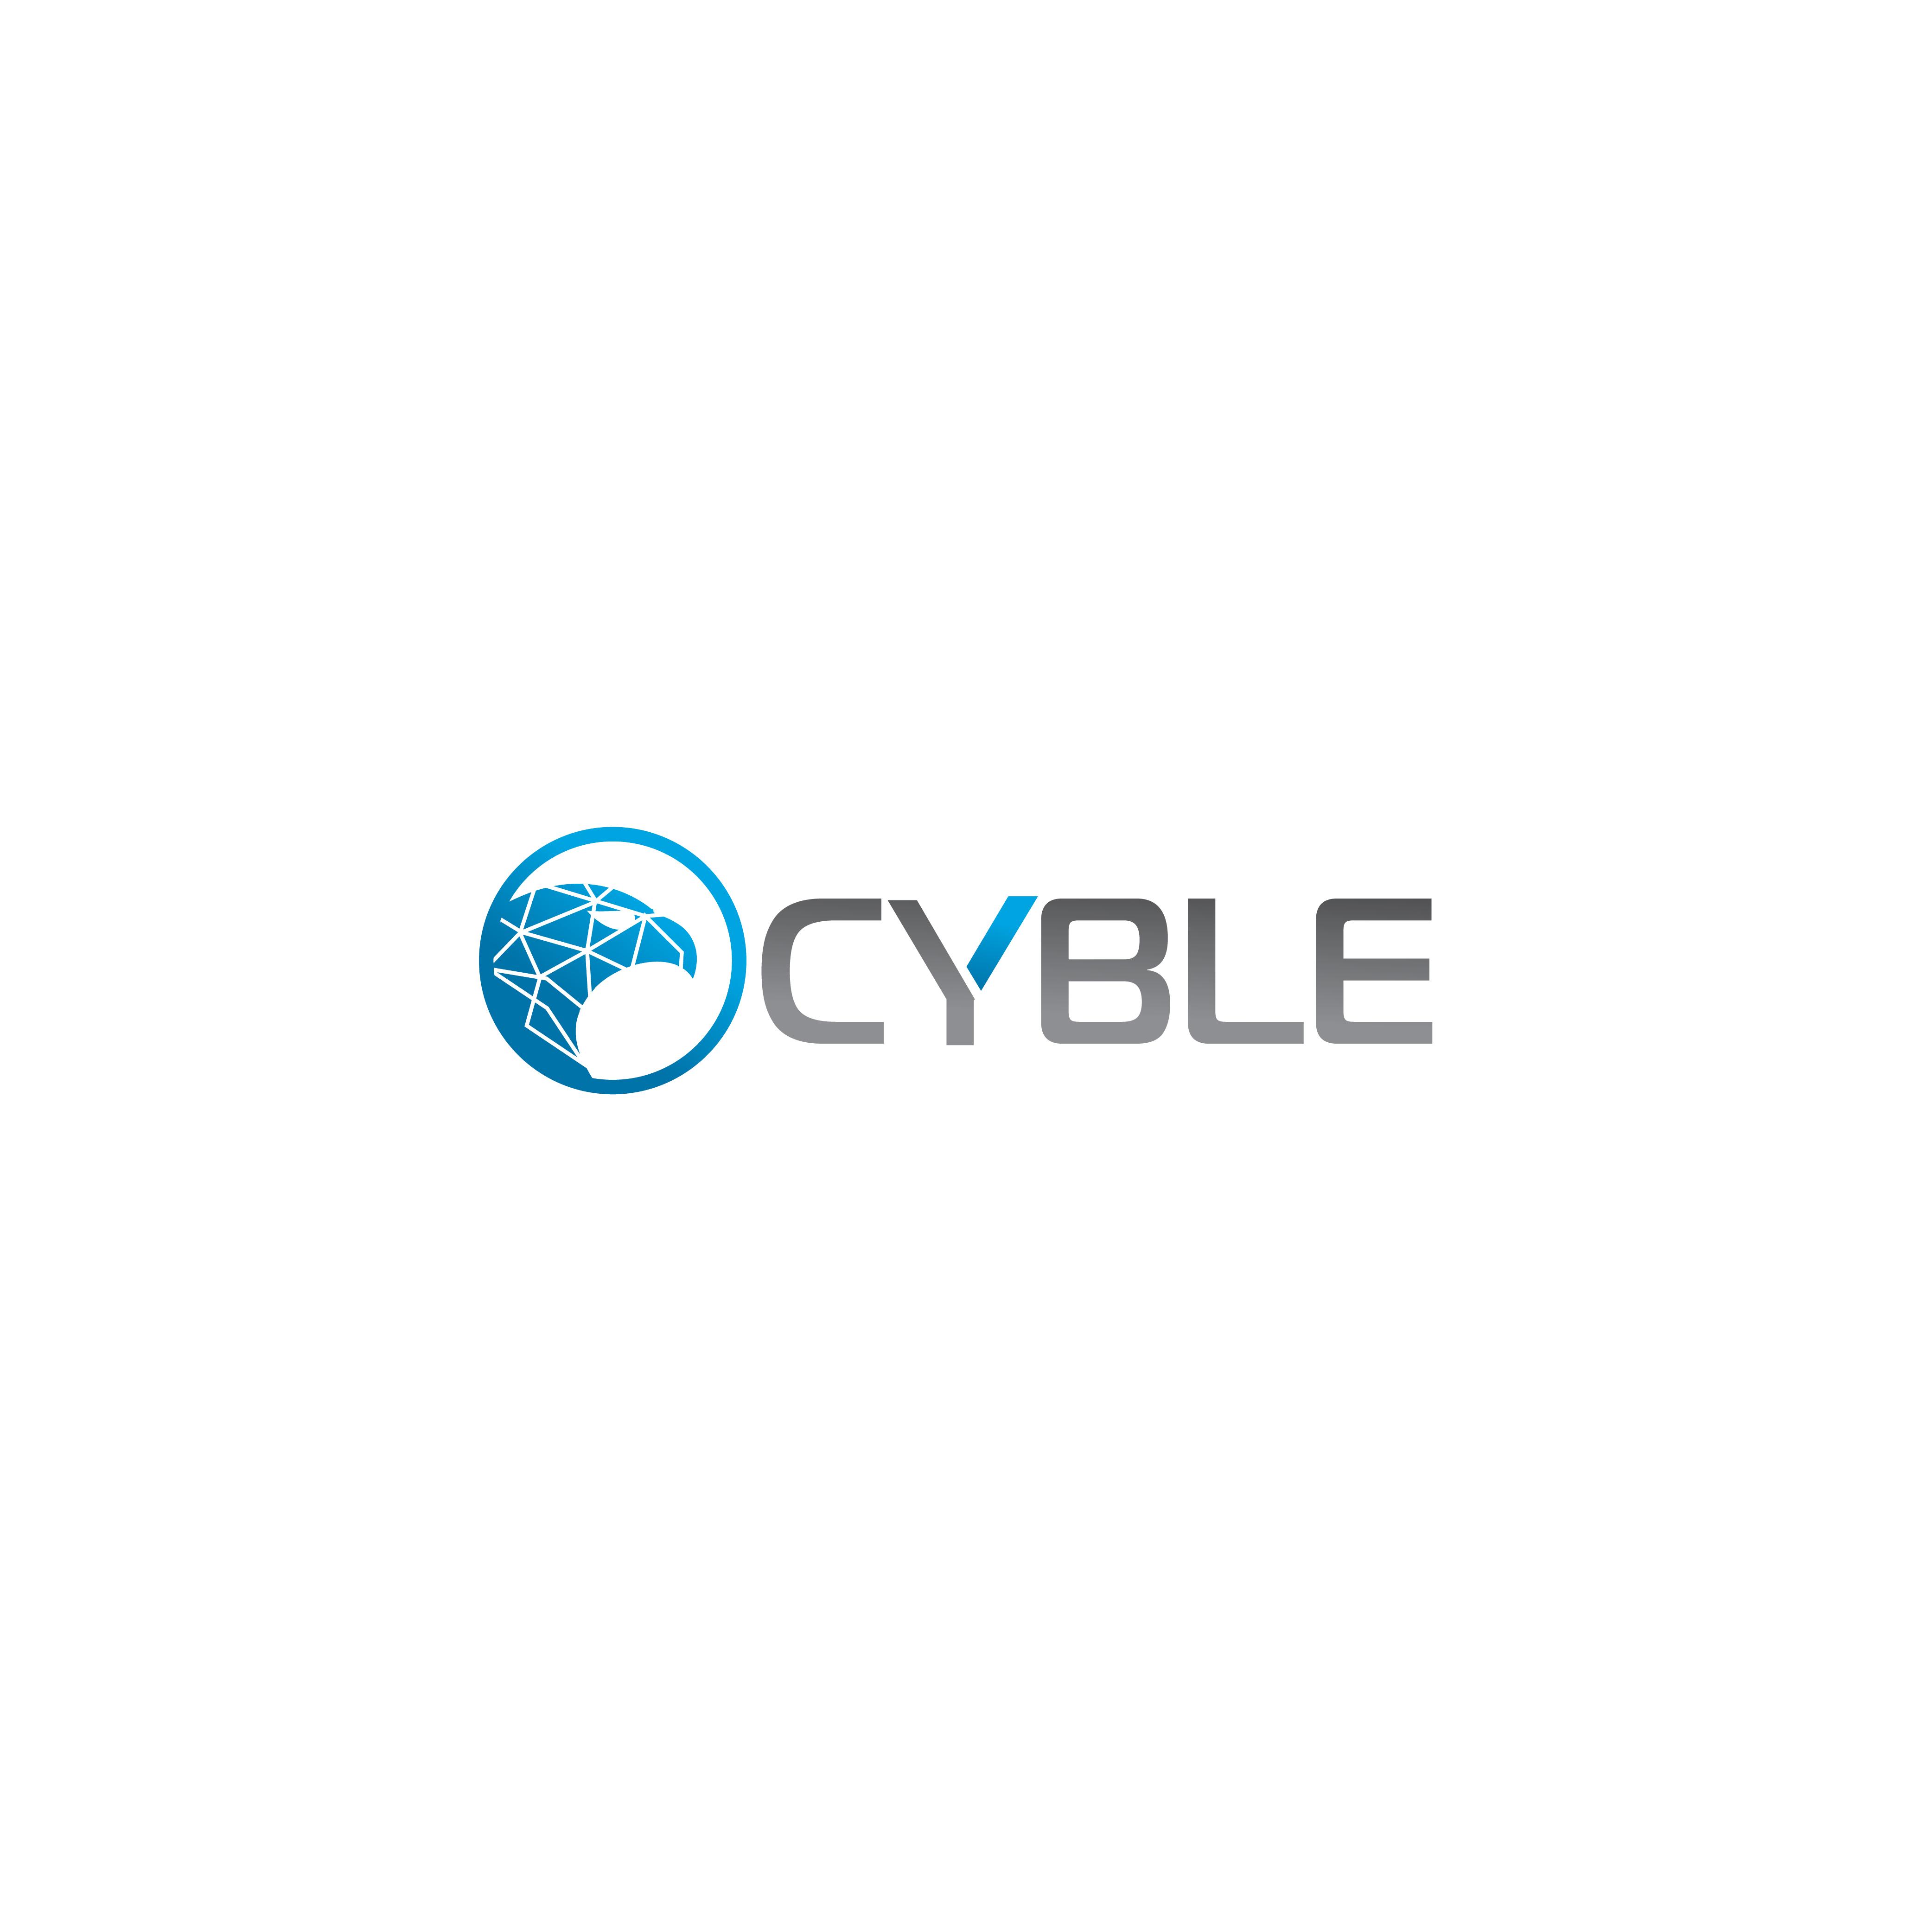 Cyble